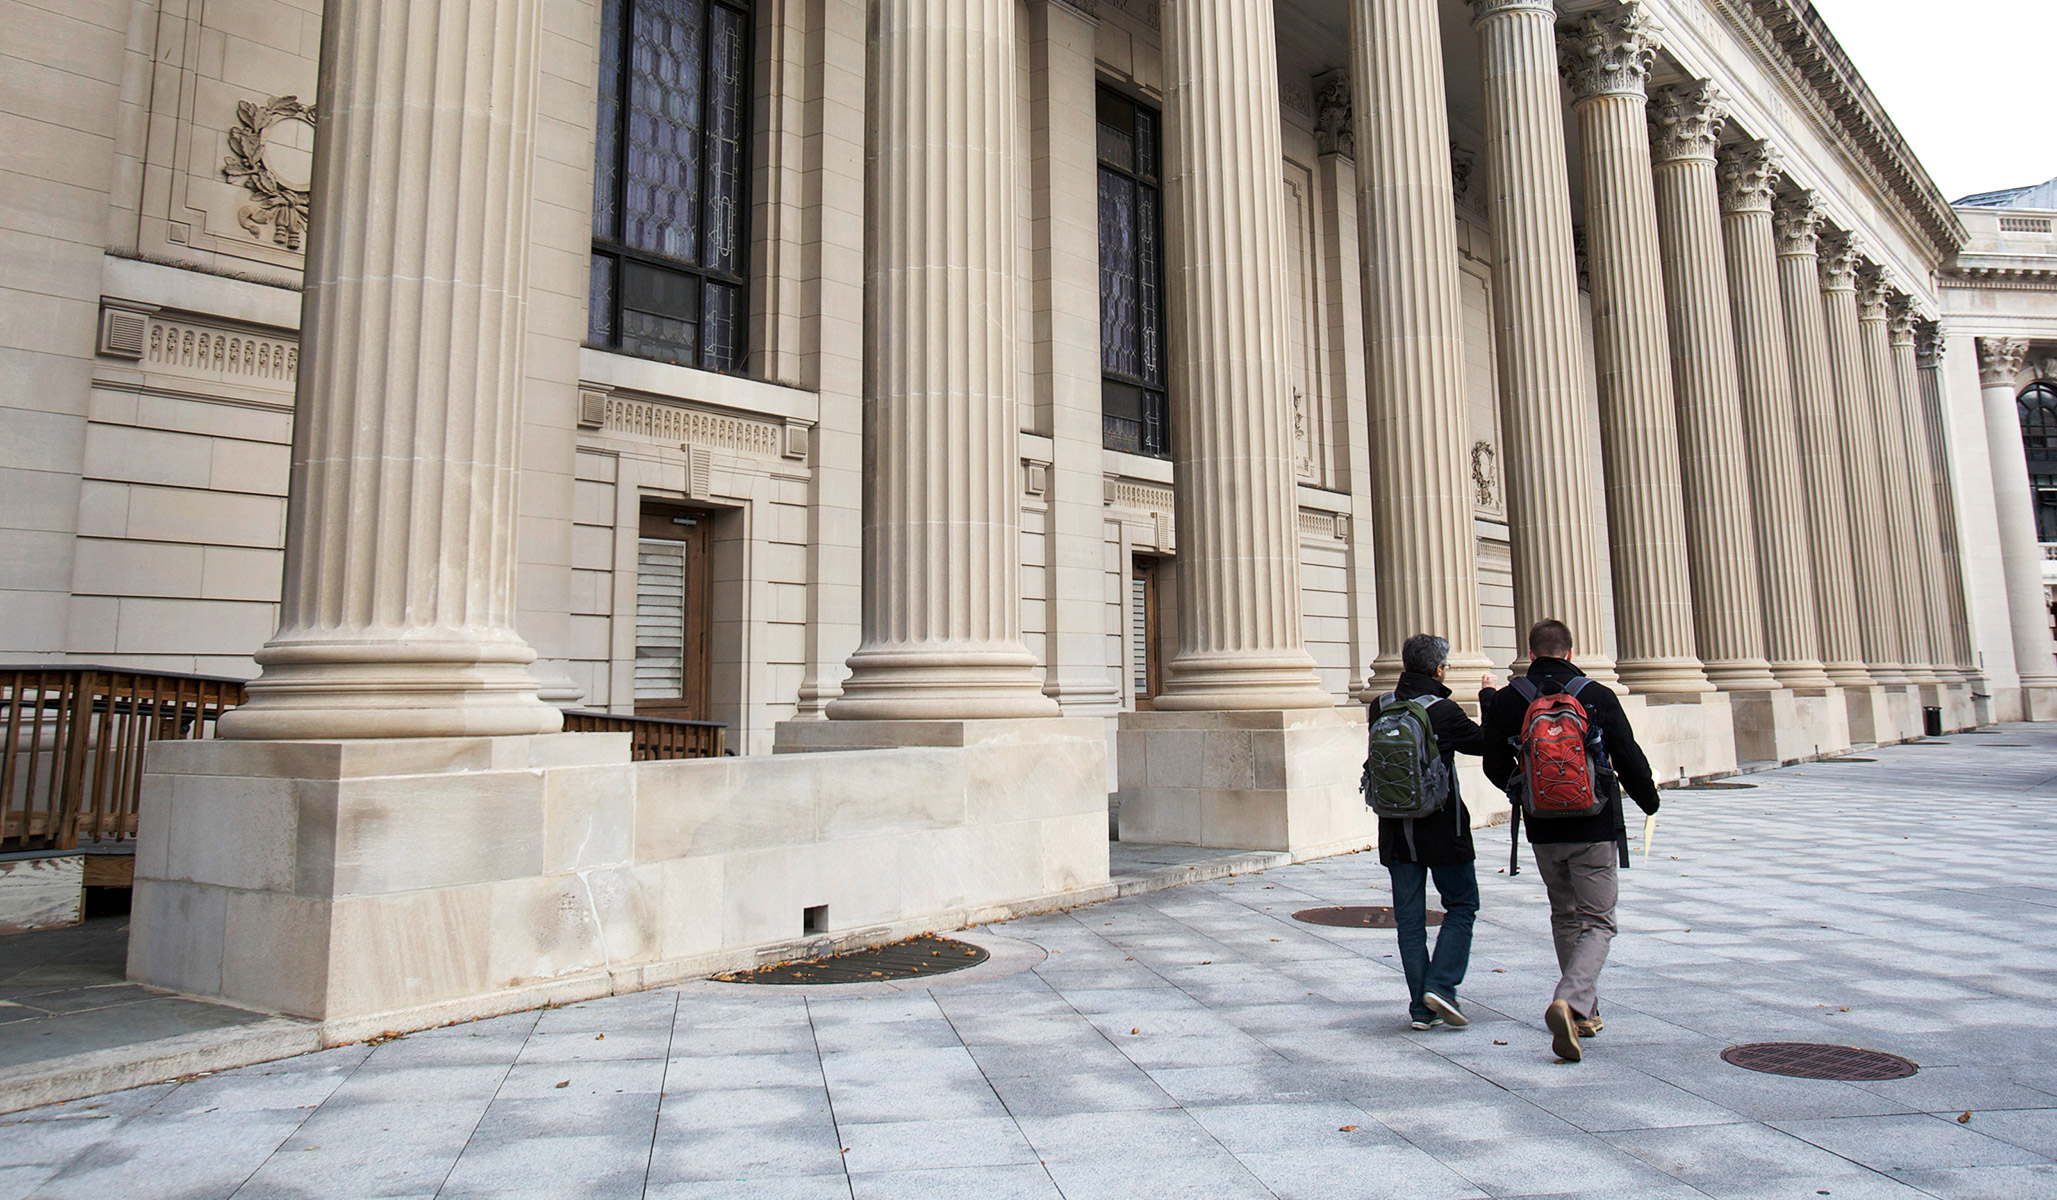 Di Universitas Amerika, Peradaban Di Bawah Serangan